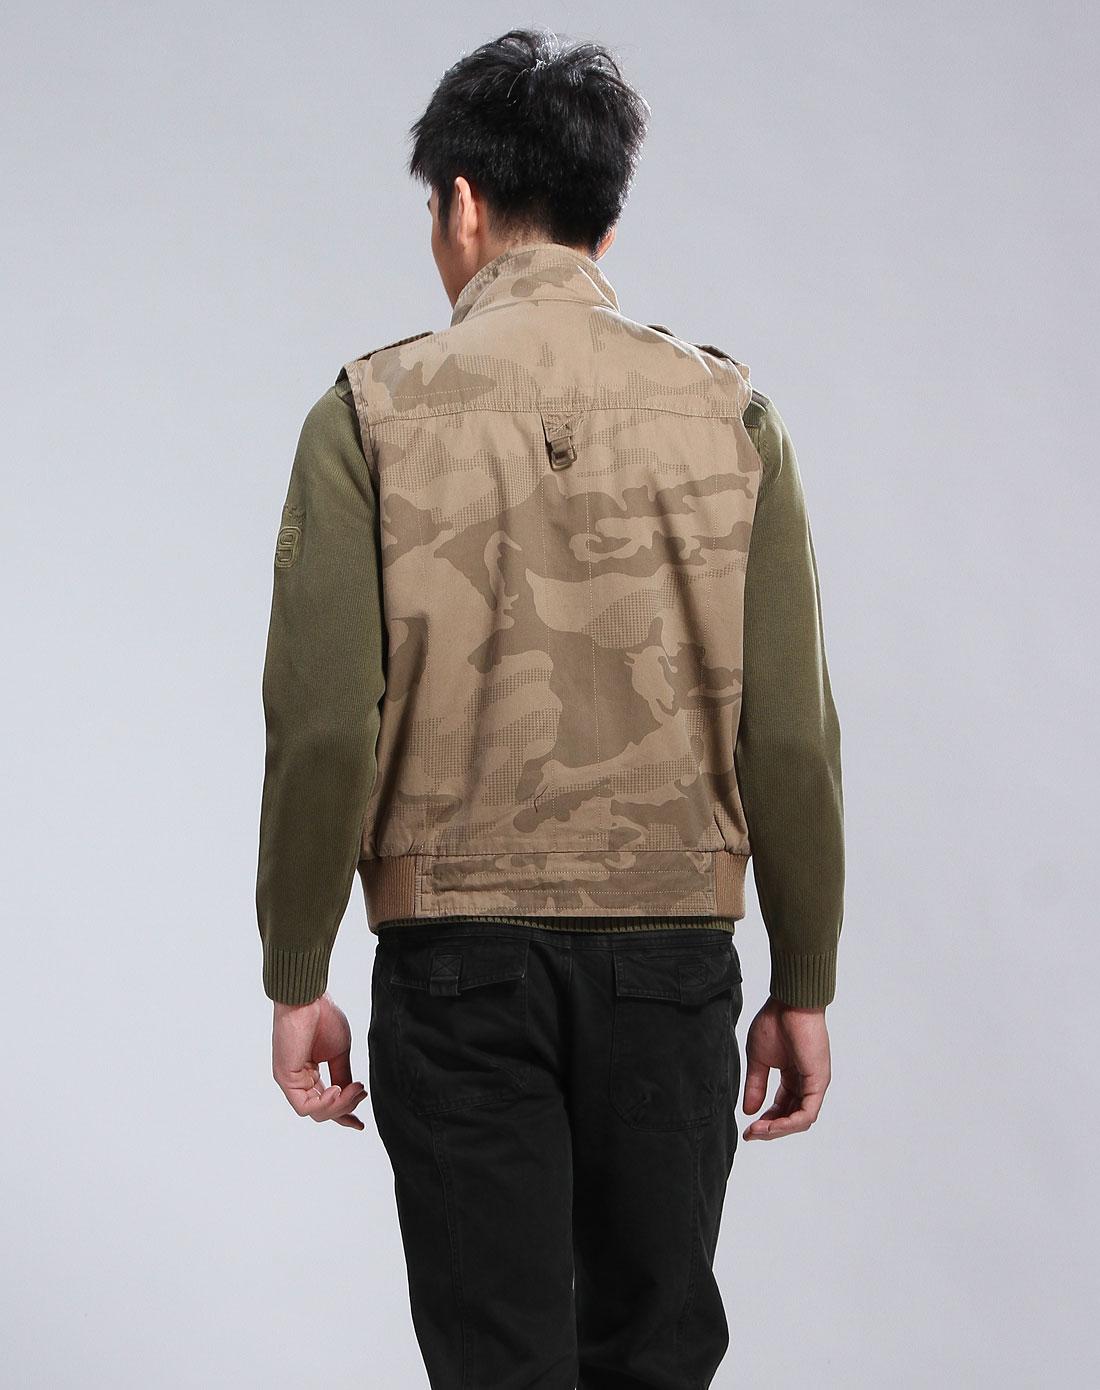 德意志山峰男款卡其色时尚迷彩马甲f15060010260